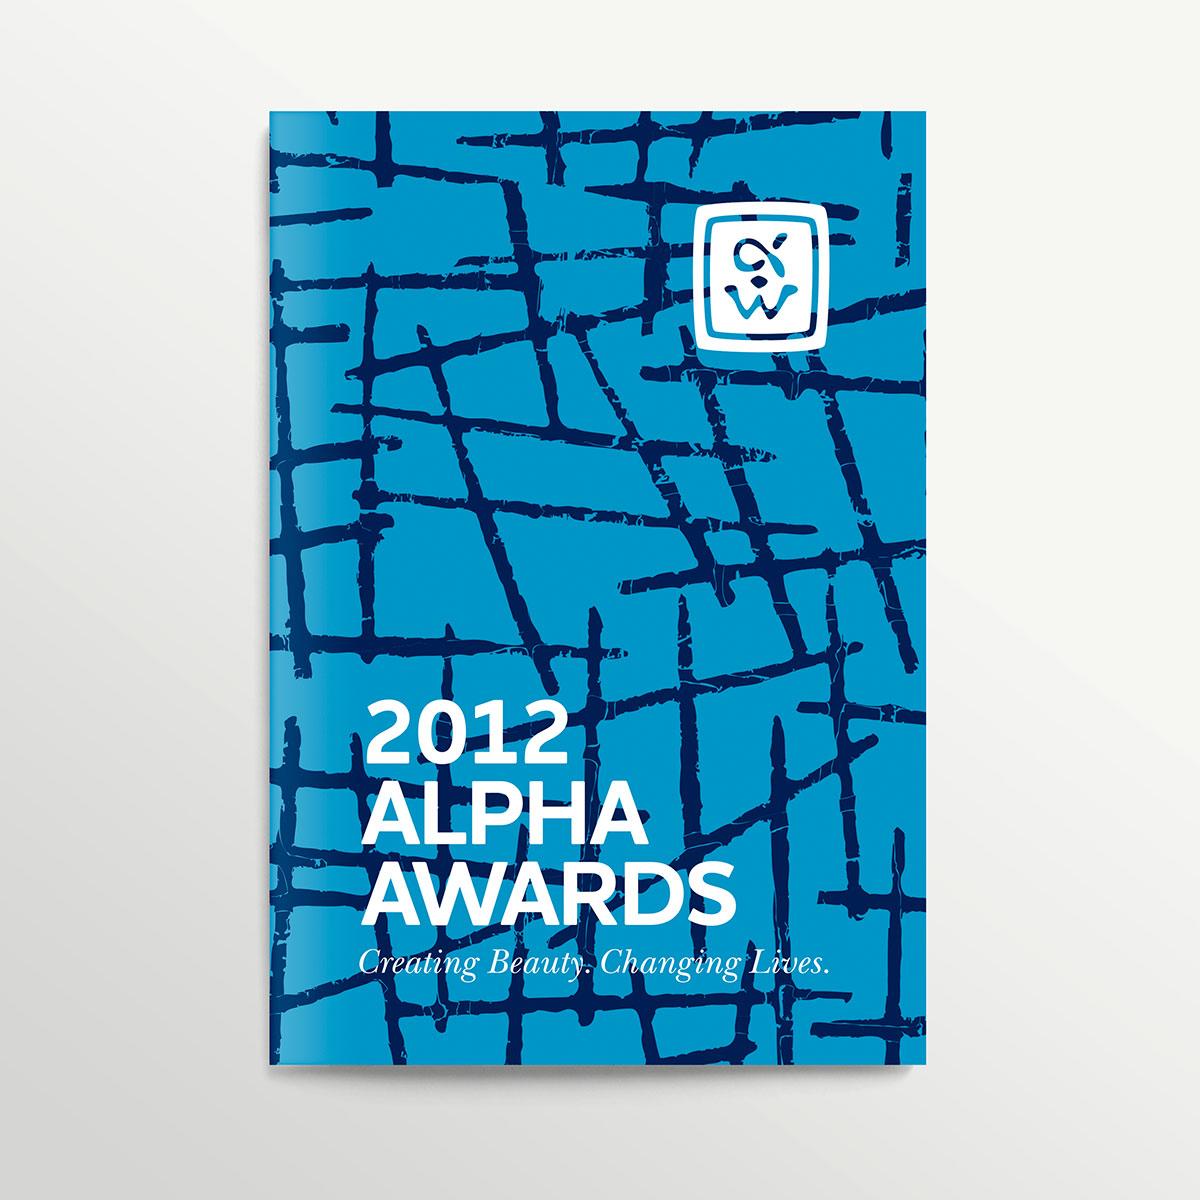 Alpha Workshops Alpha Awards 2012